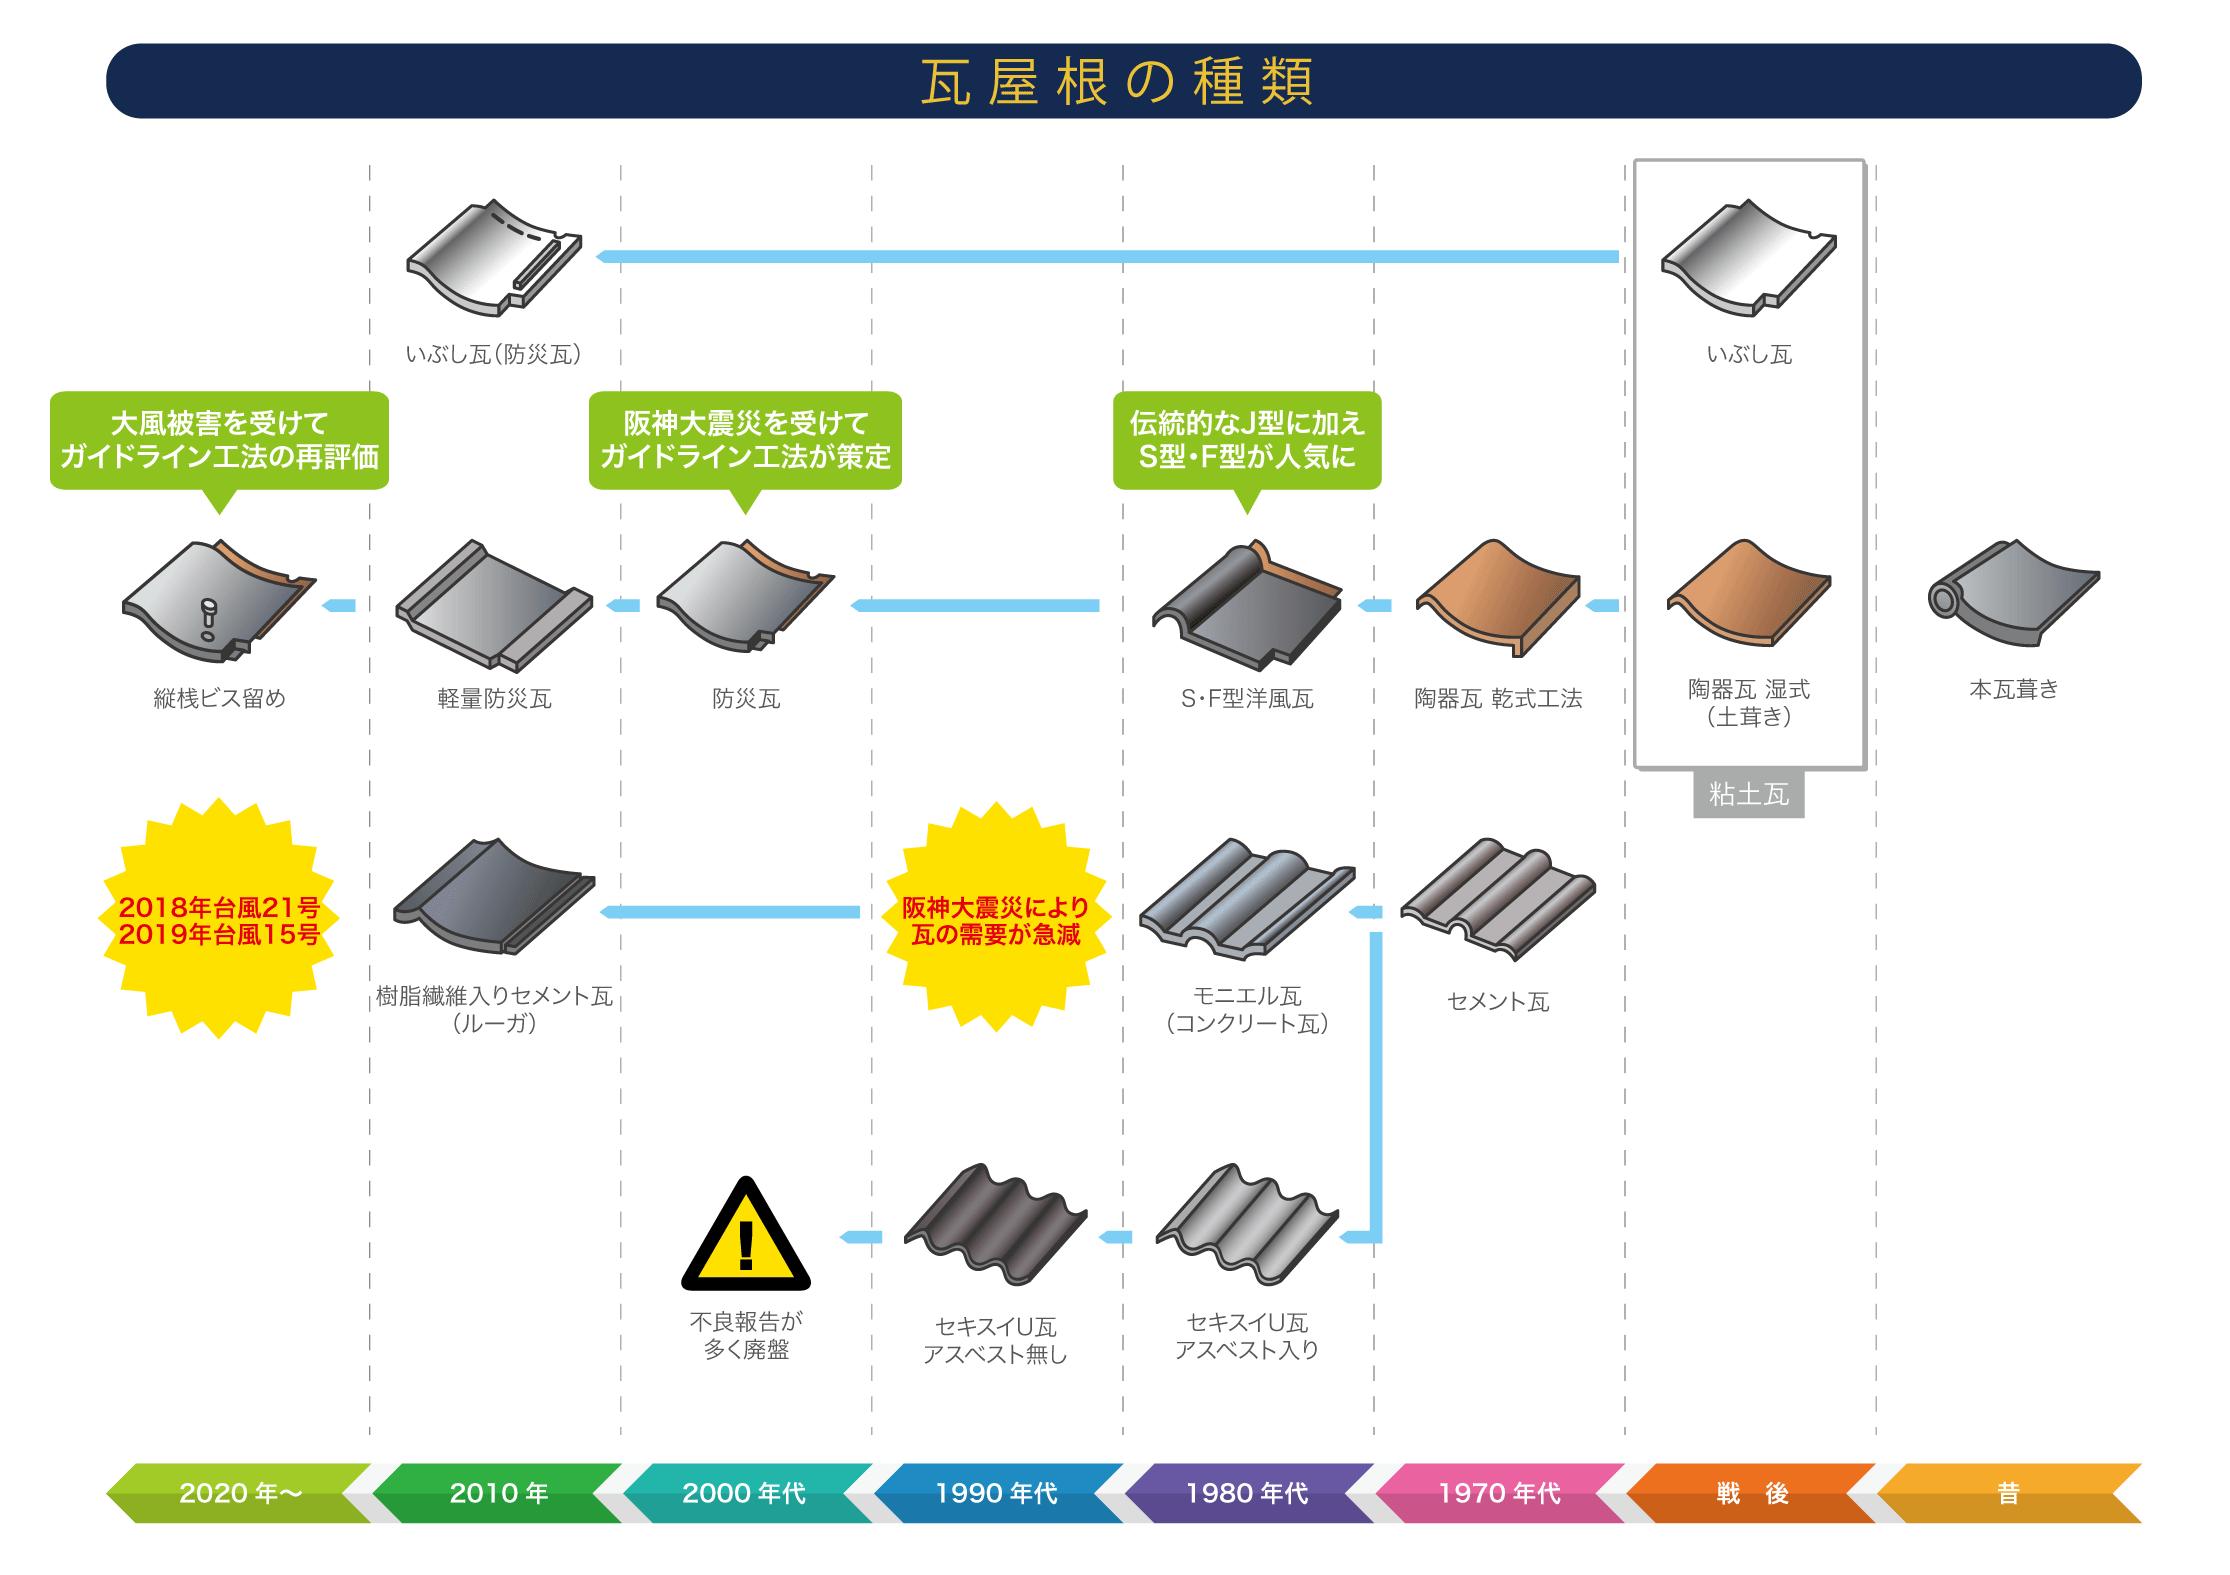 時代ごとの瓦屋根の種類